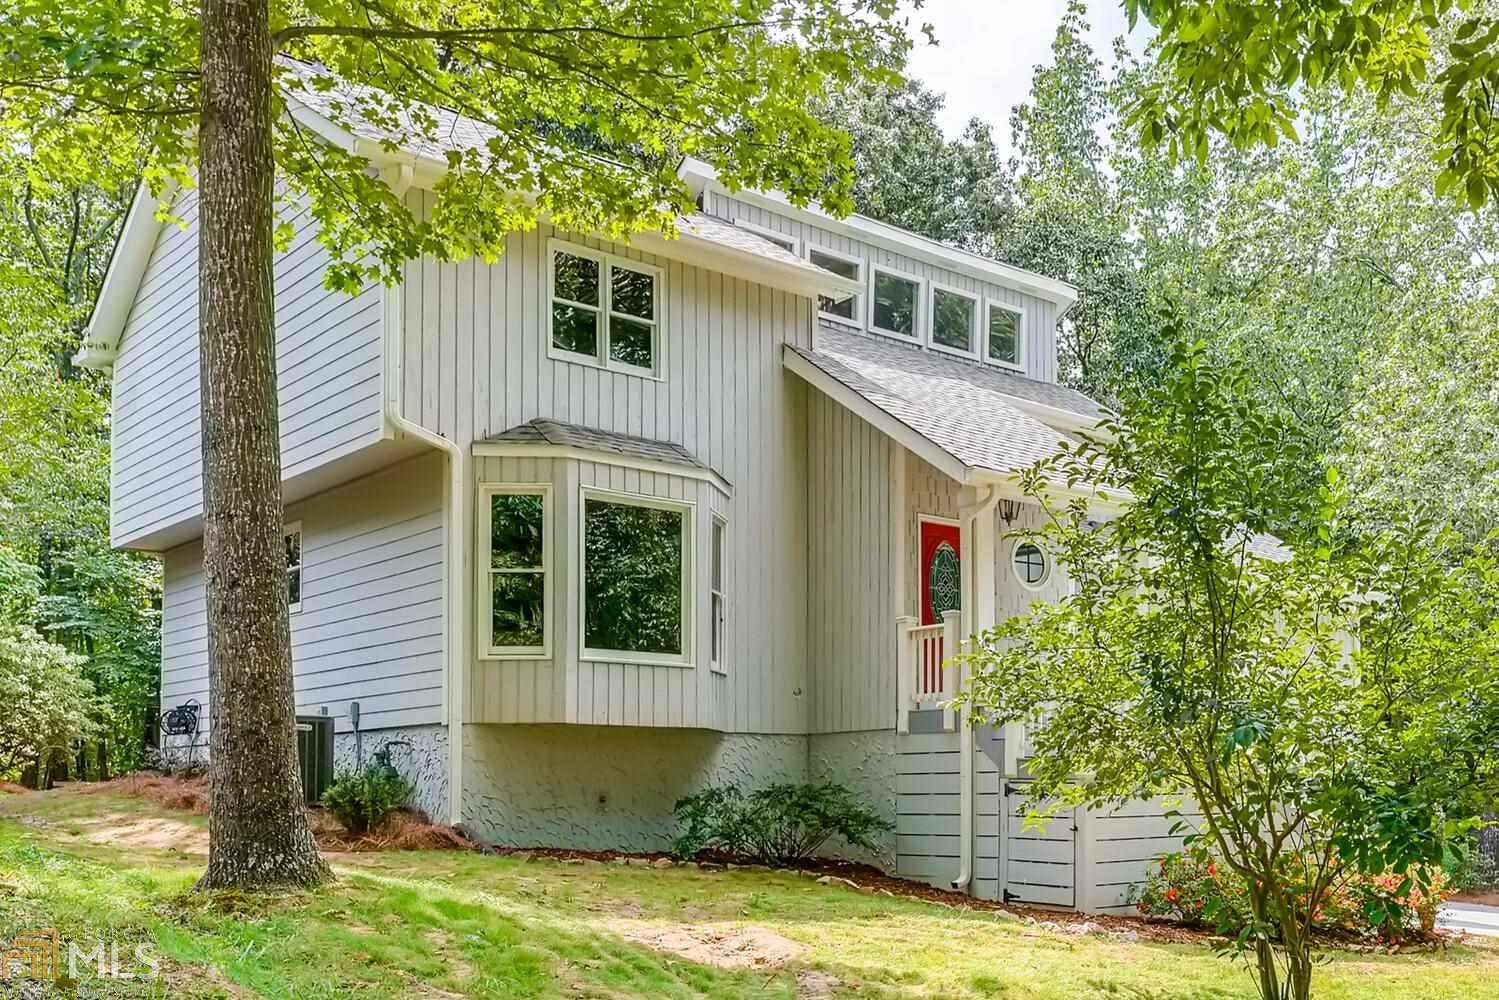 3635 N Berkeley Lake Rd, Berkeley Lake, GA 30096 - MLS#: 8854625